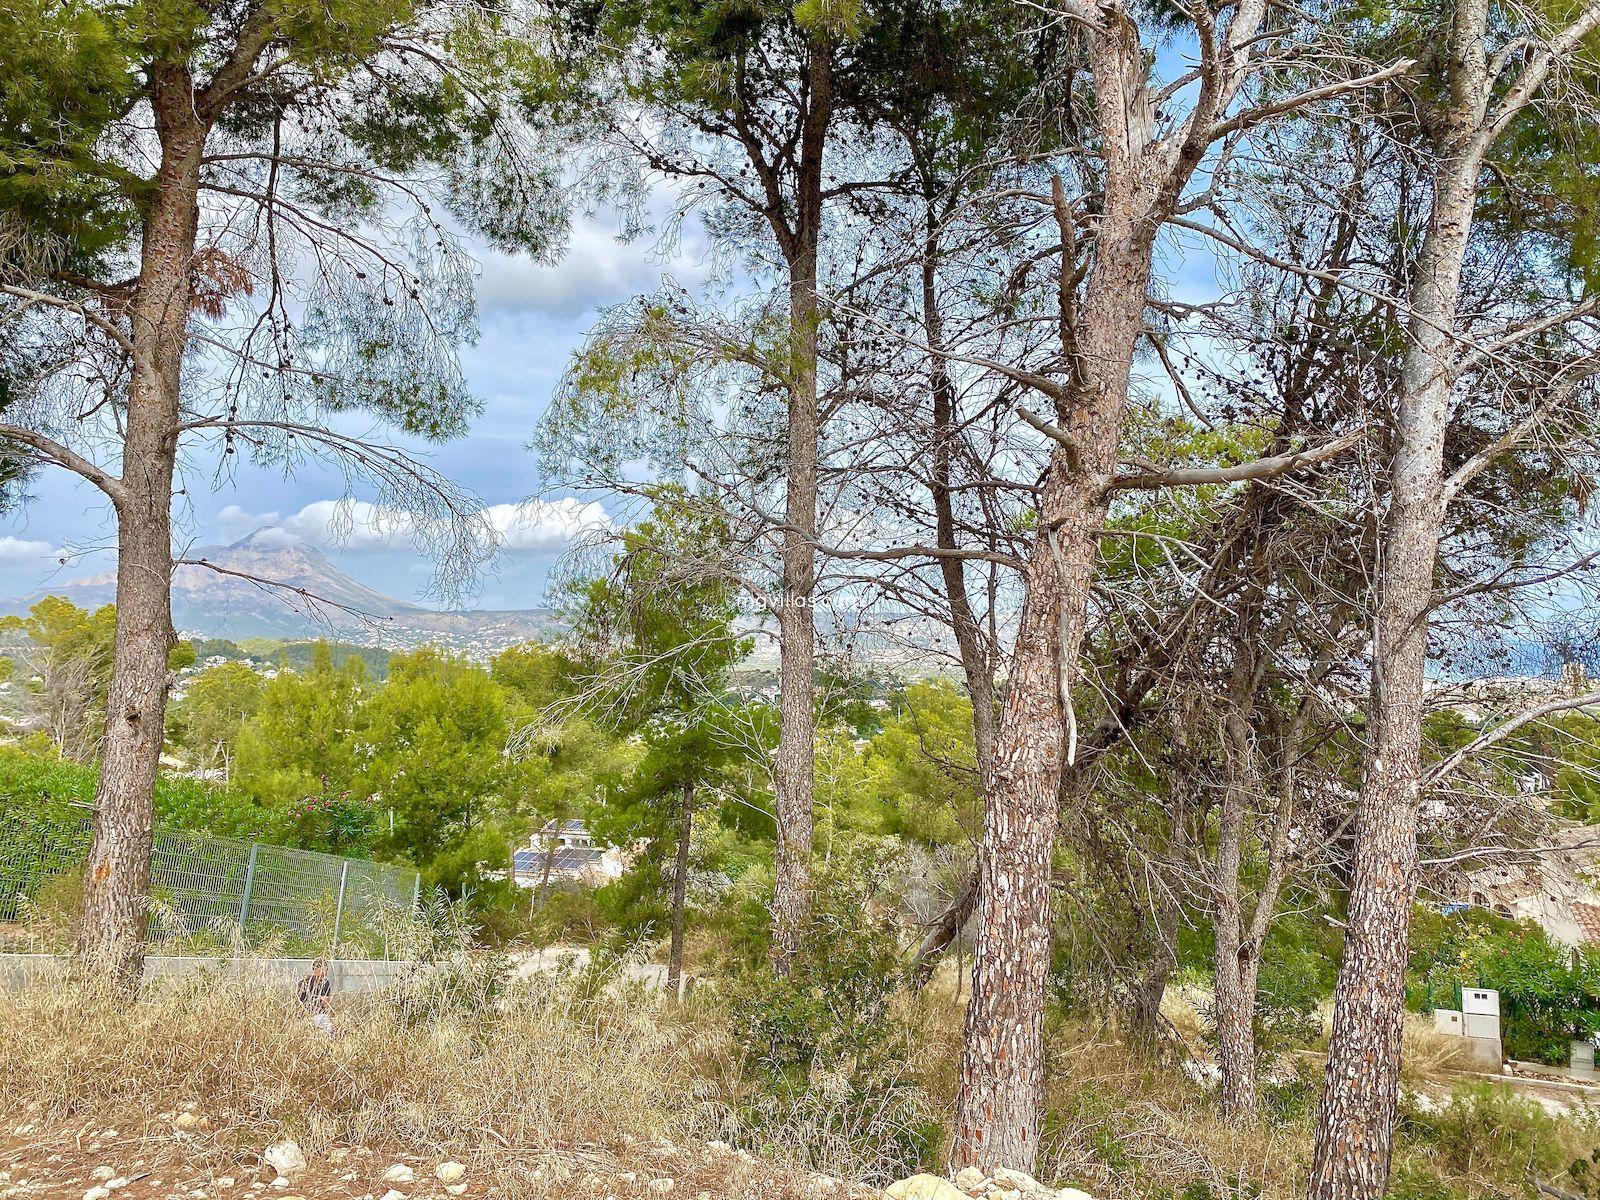 Proyecto de Villa Moderna a la Venta con vistas al Mar en Tossalet - Javea - Costa Blanca